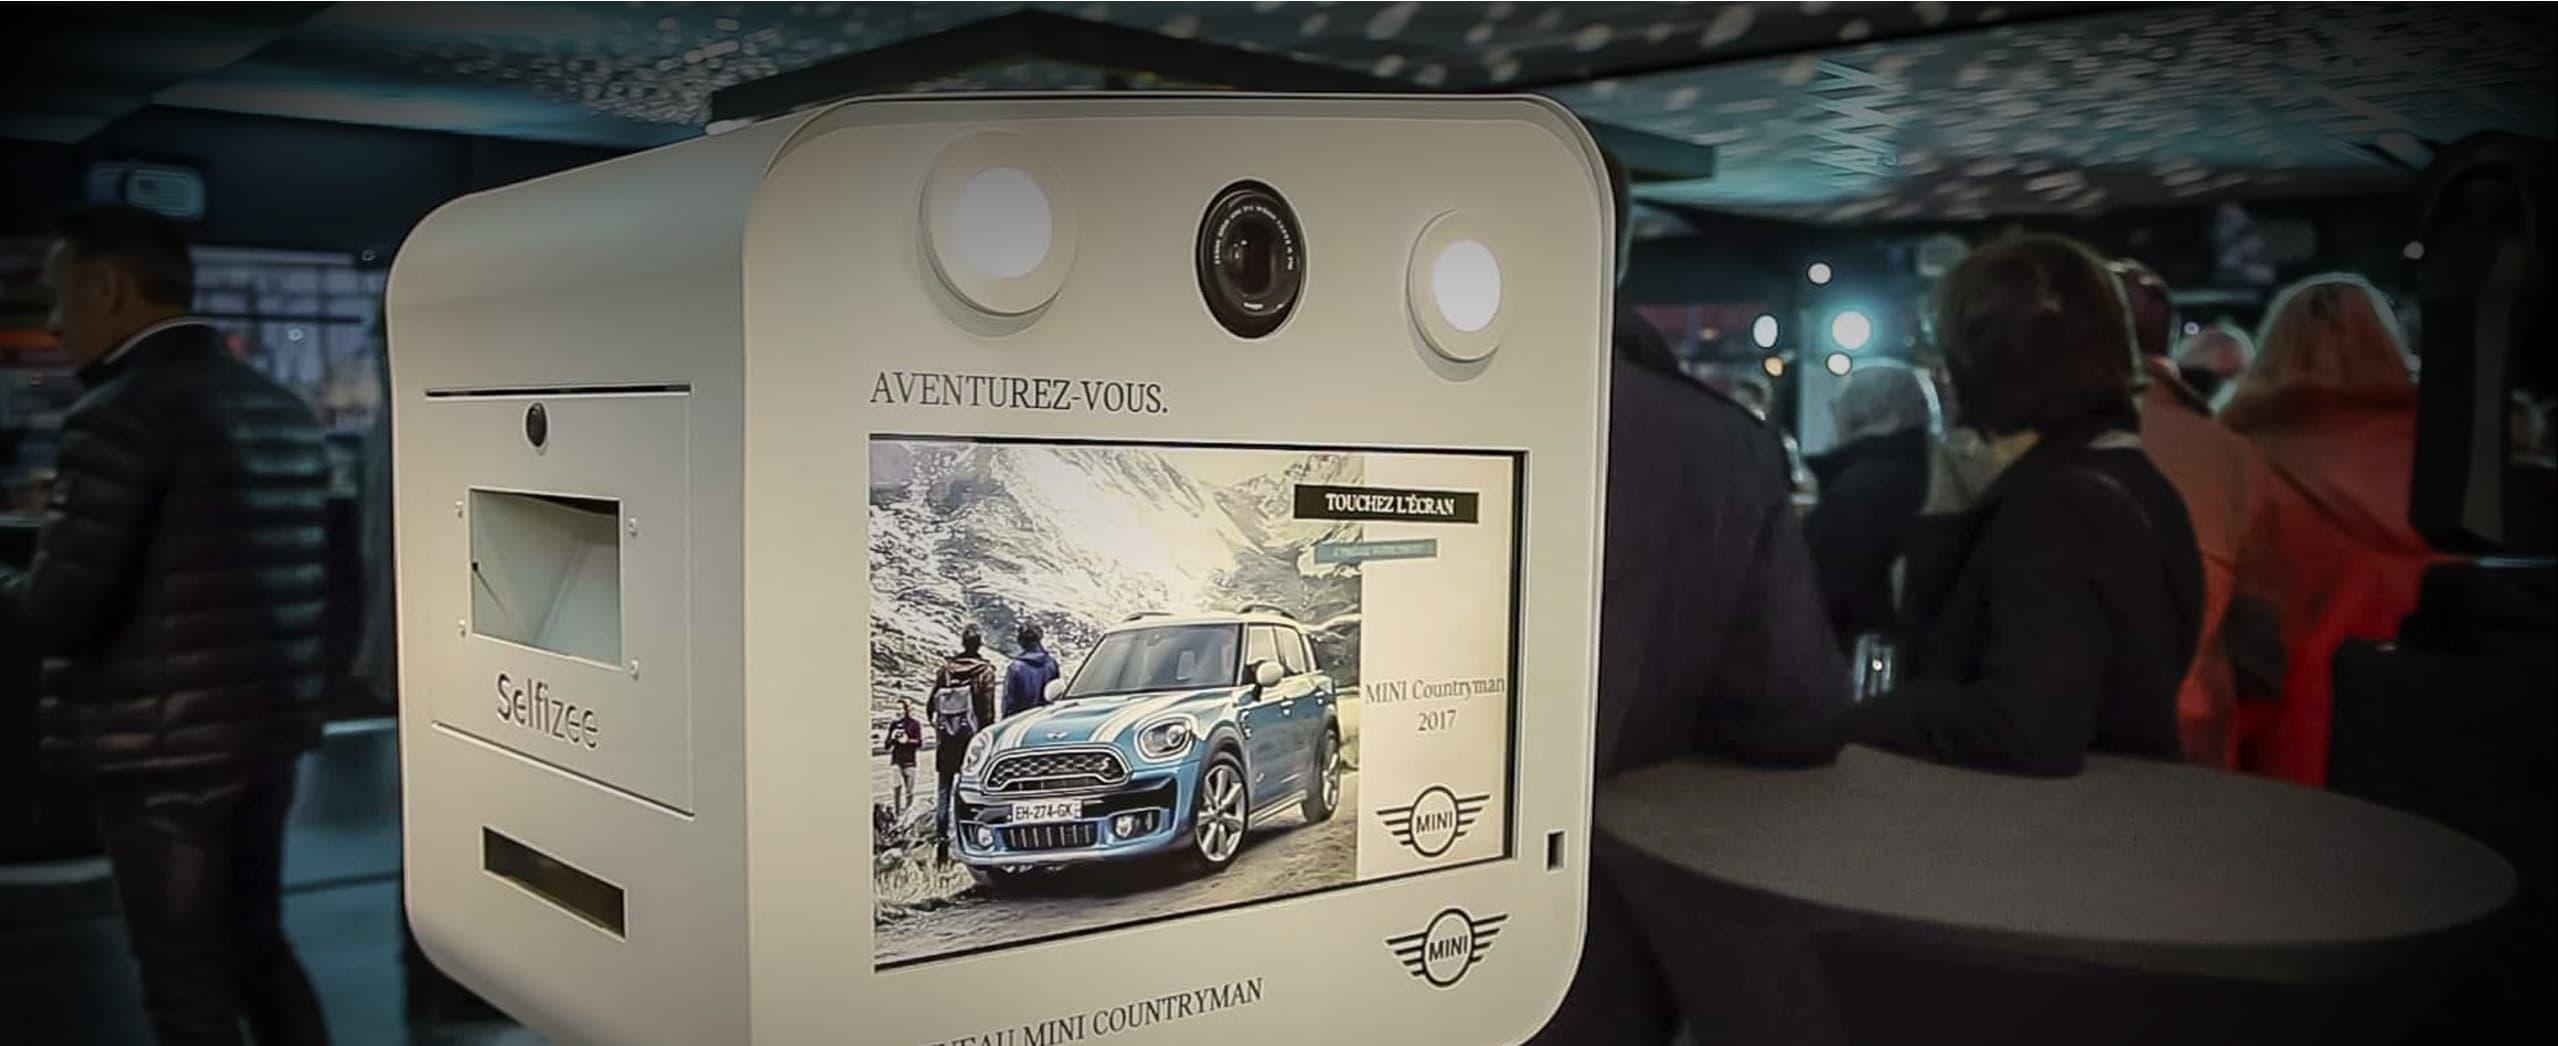 Borne photo photobooth pour événements professionnels